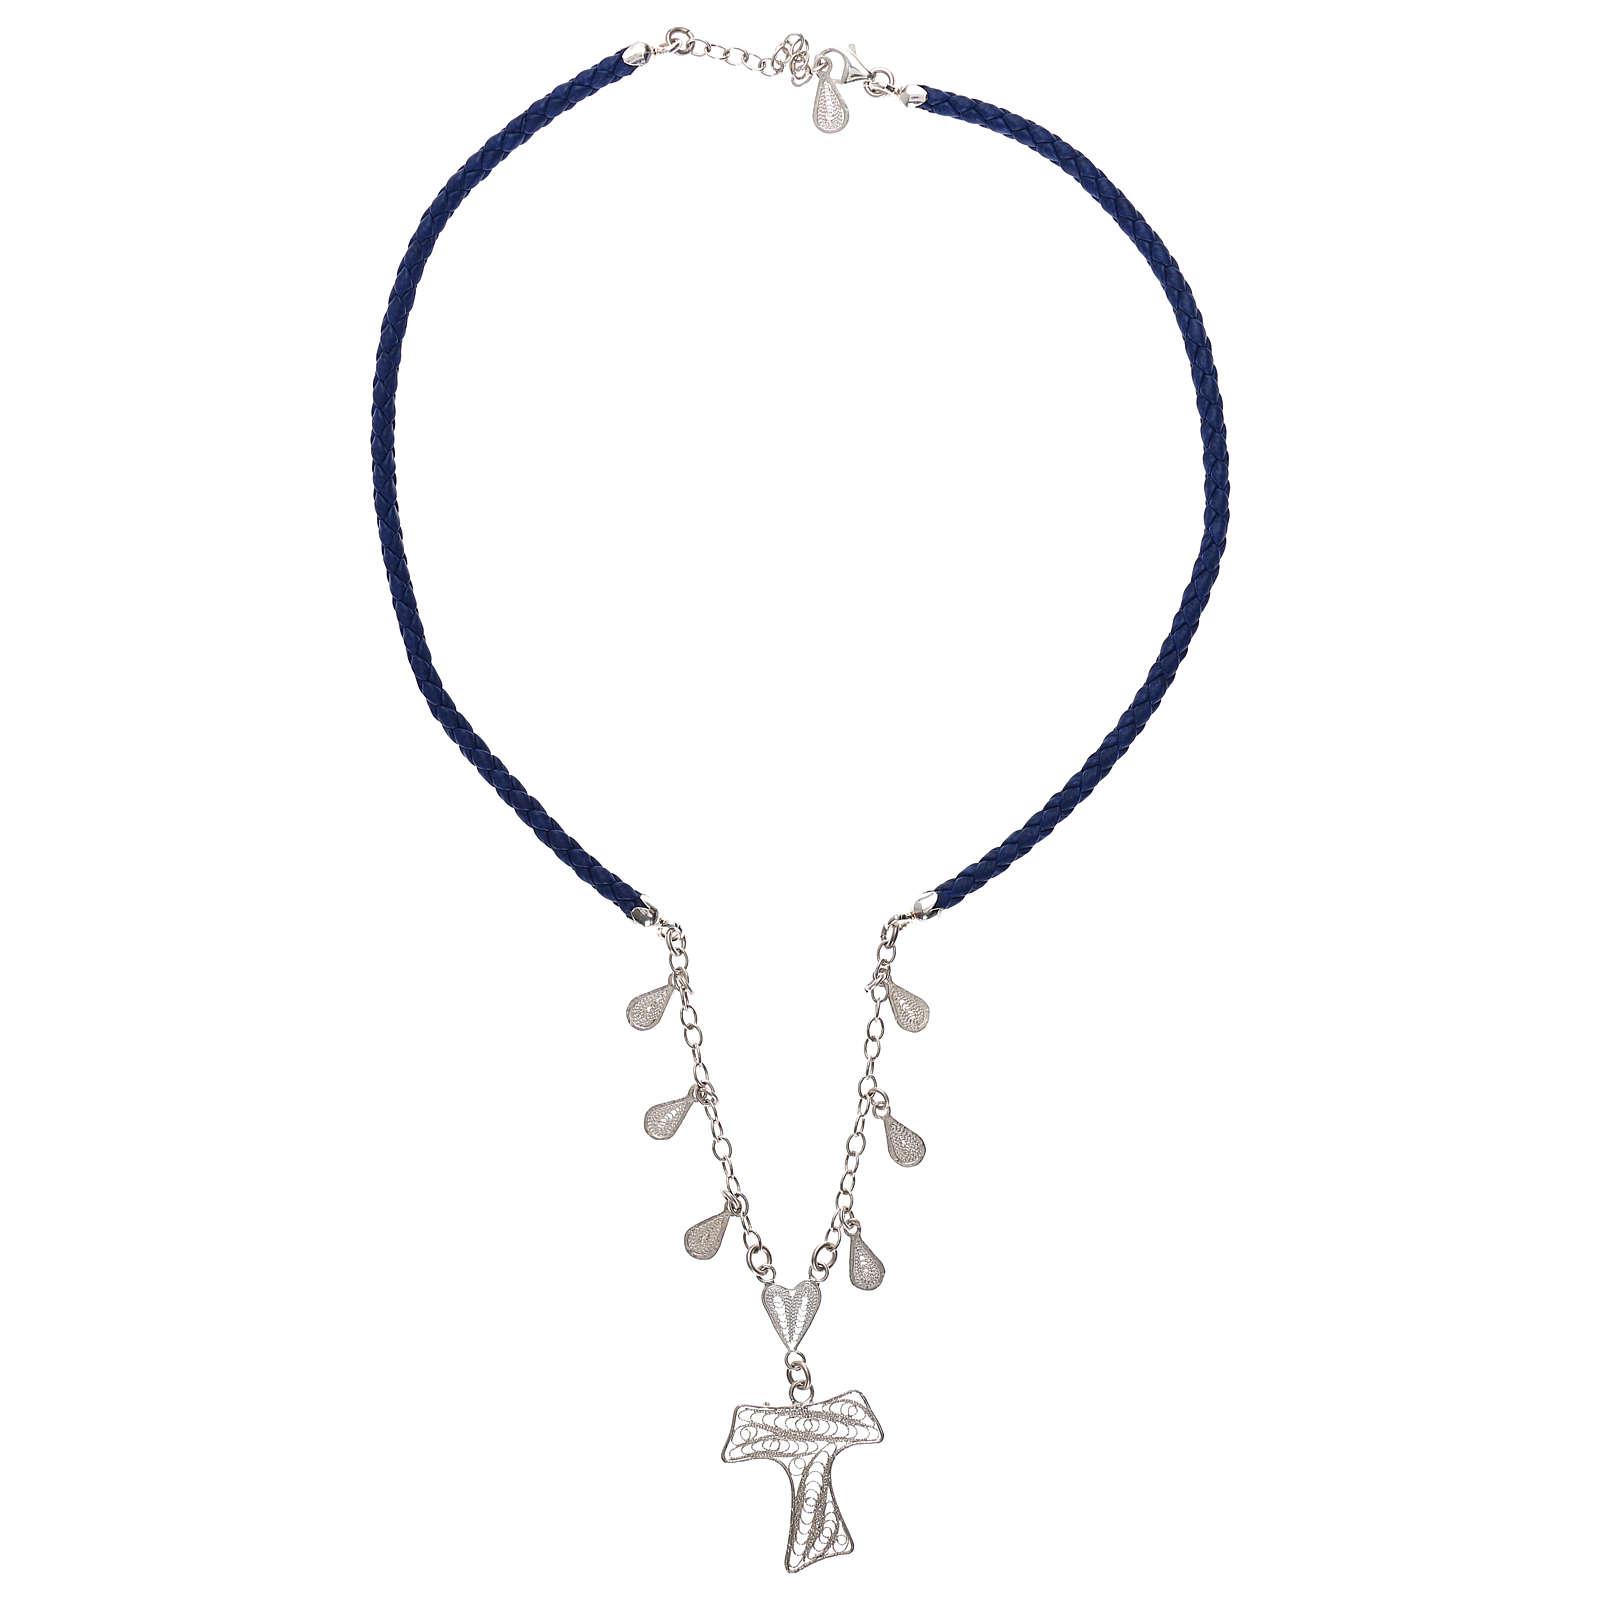 Girocollo ecopelle blu con tau filigrana argento 925 4